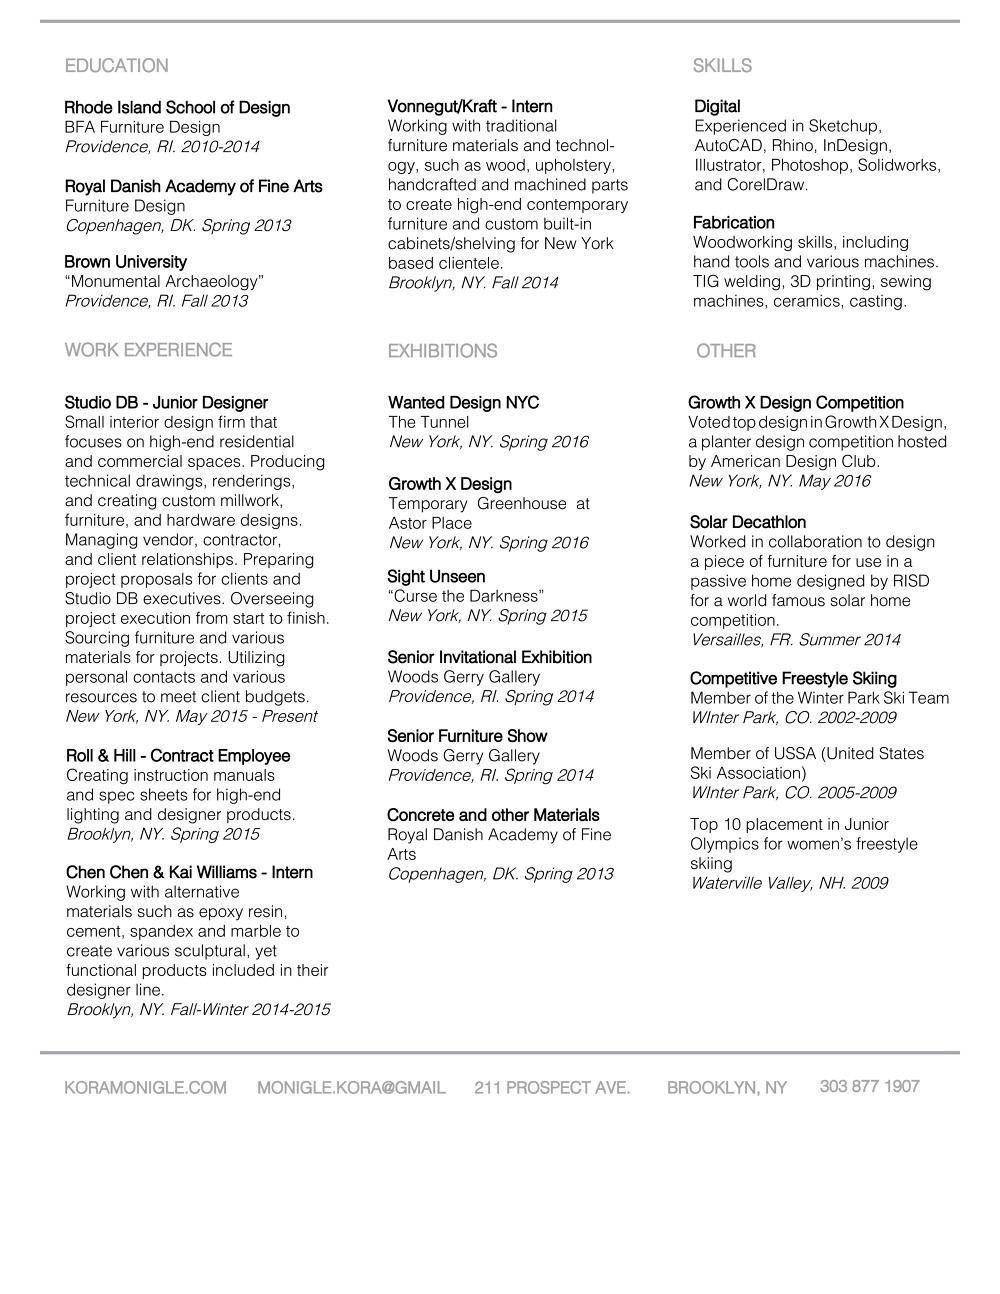 resume koramonigle